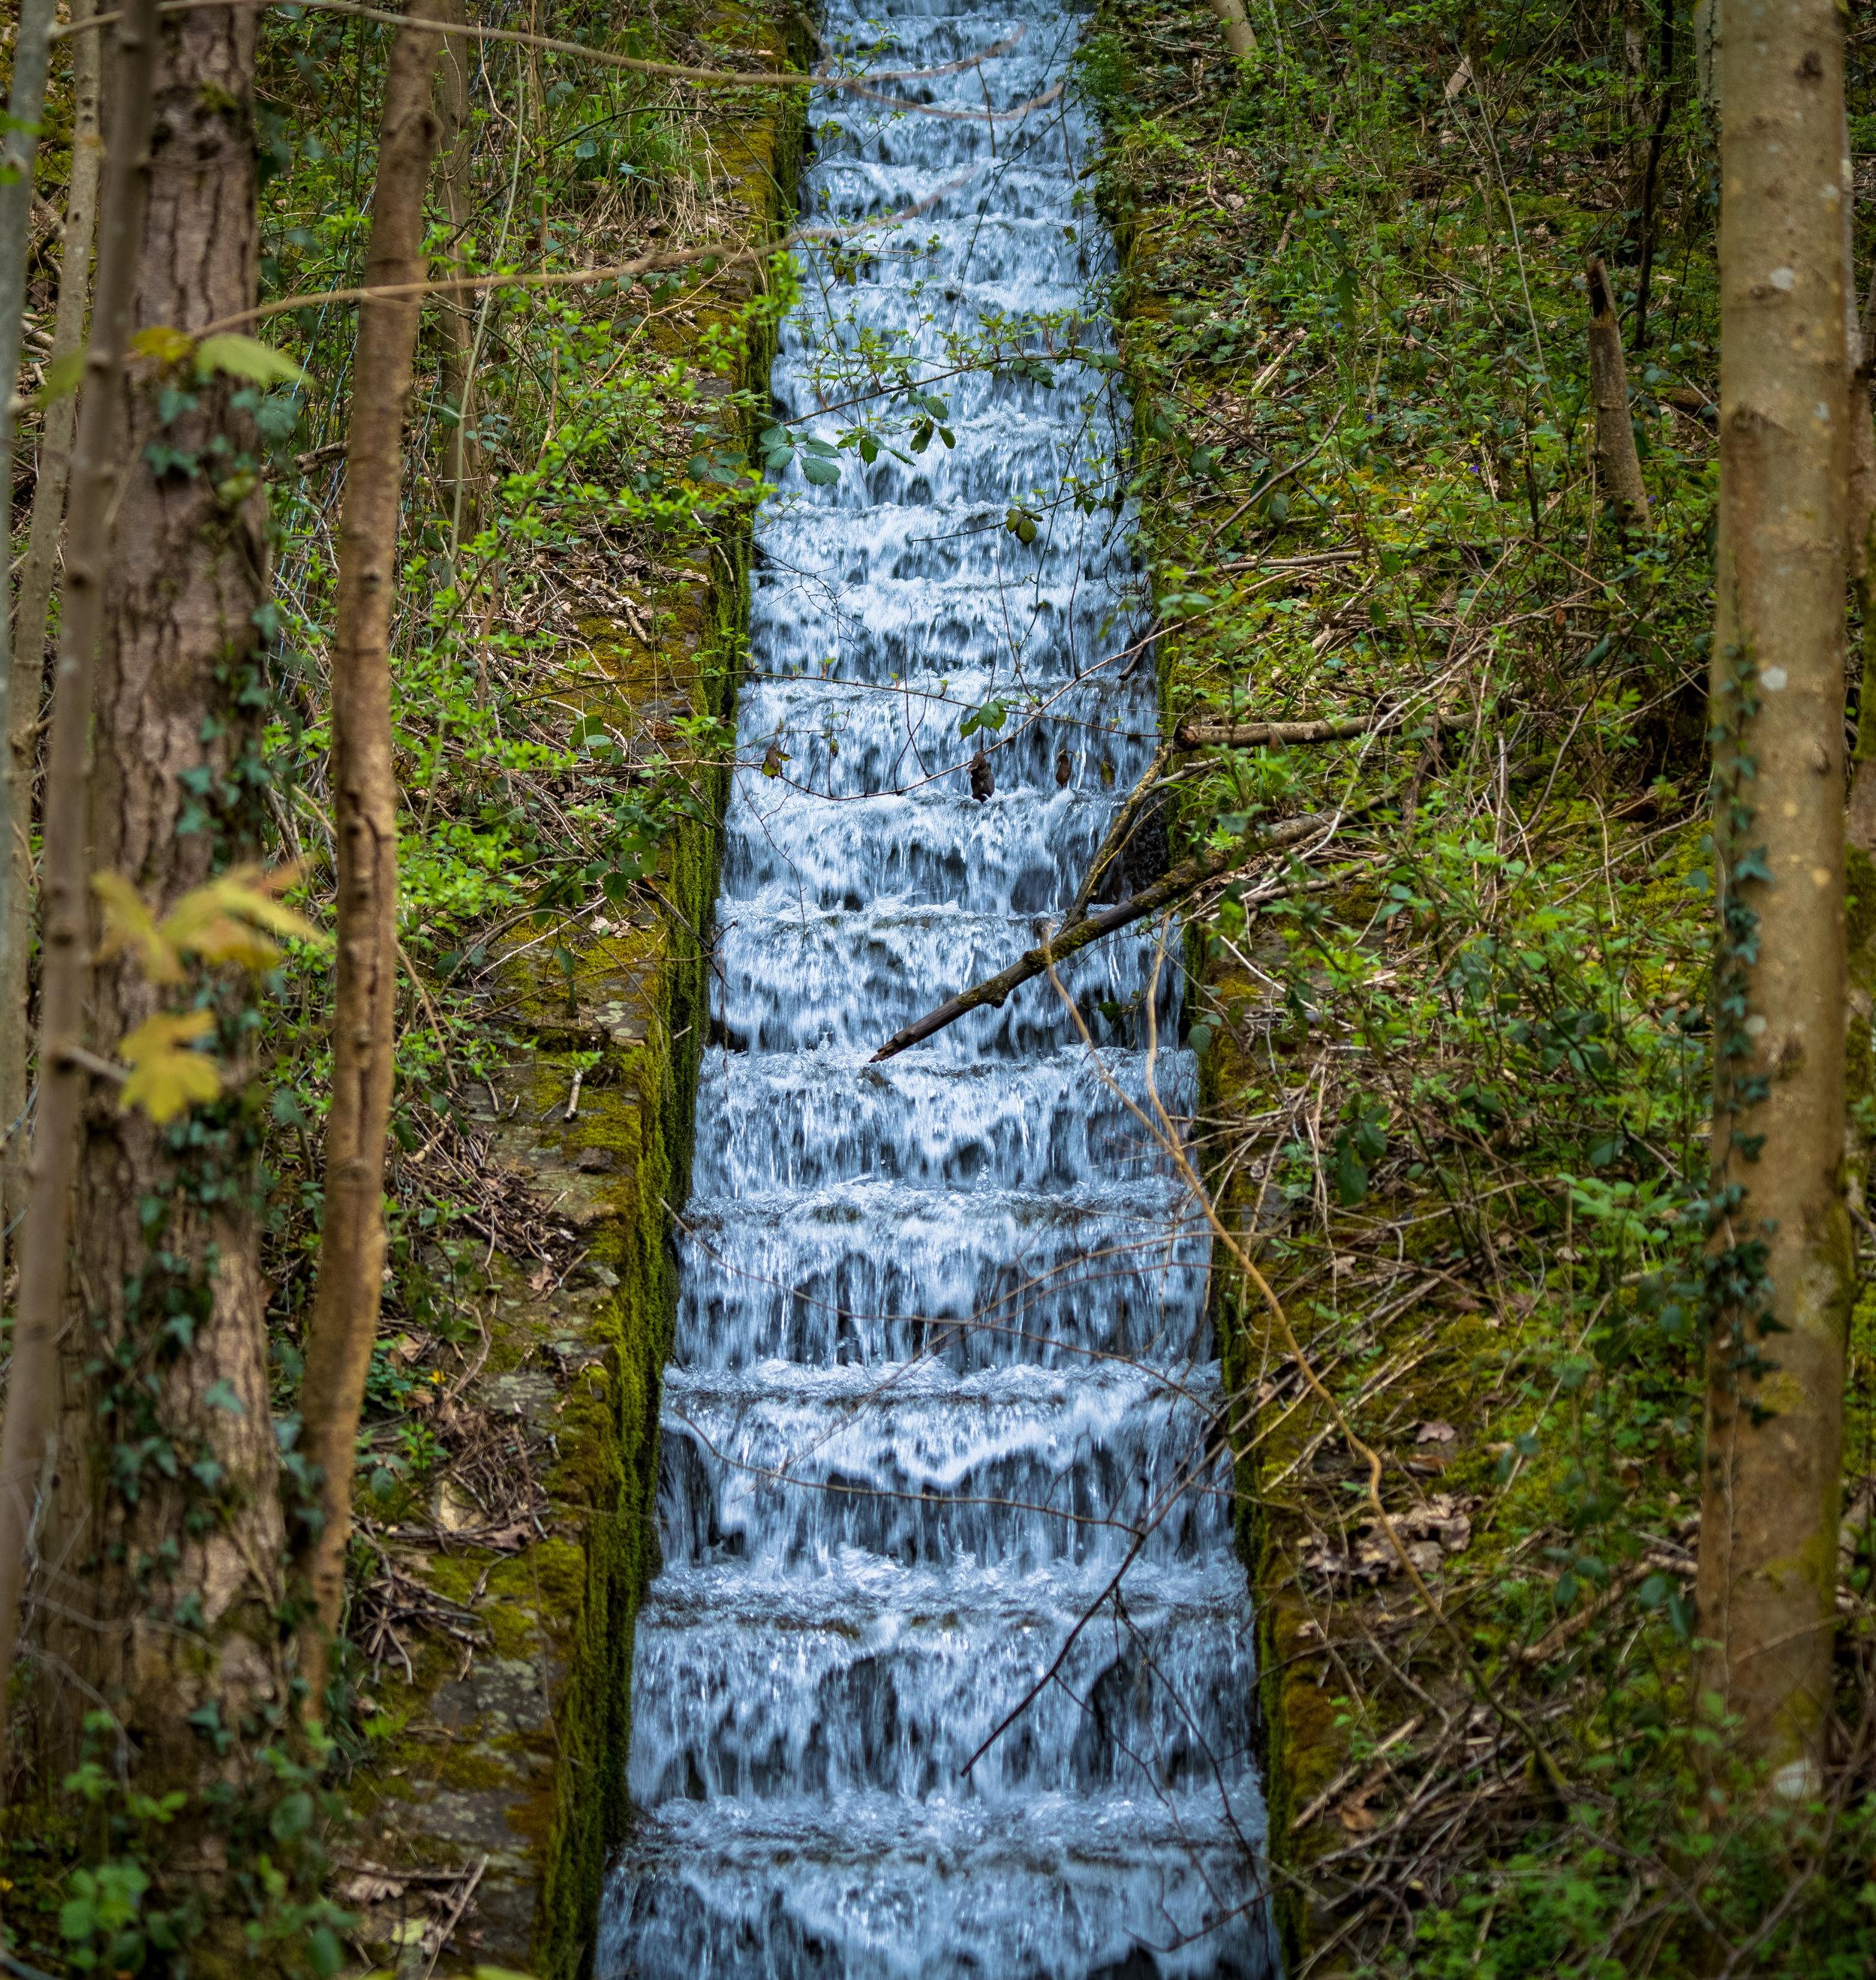 Sirhowy_River_Stairs.jpg